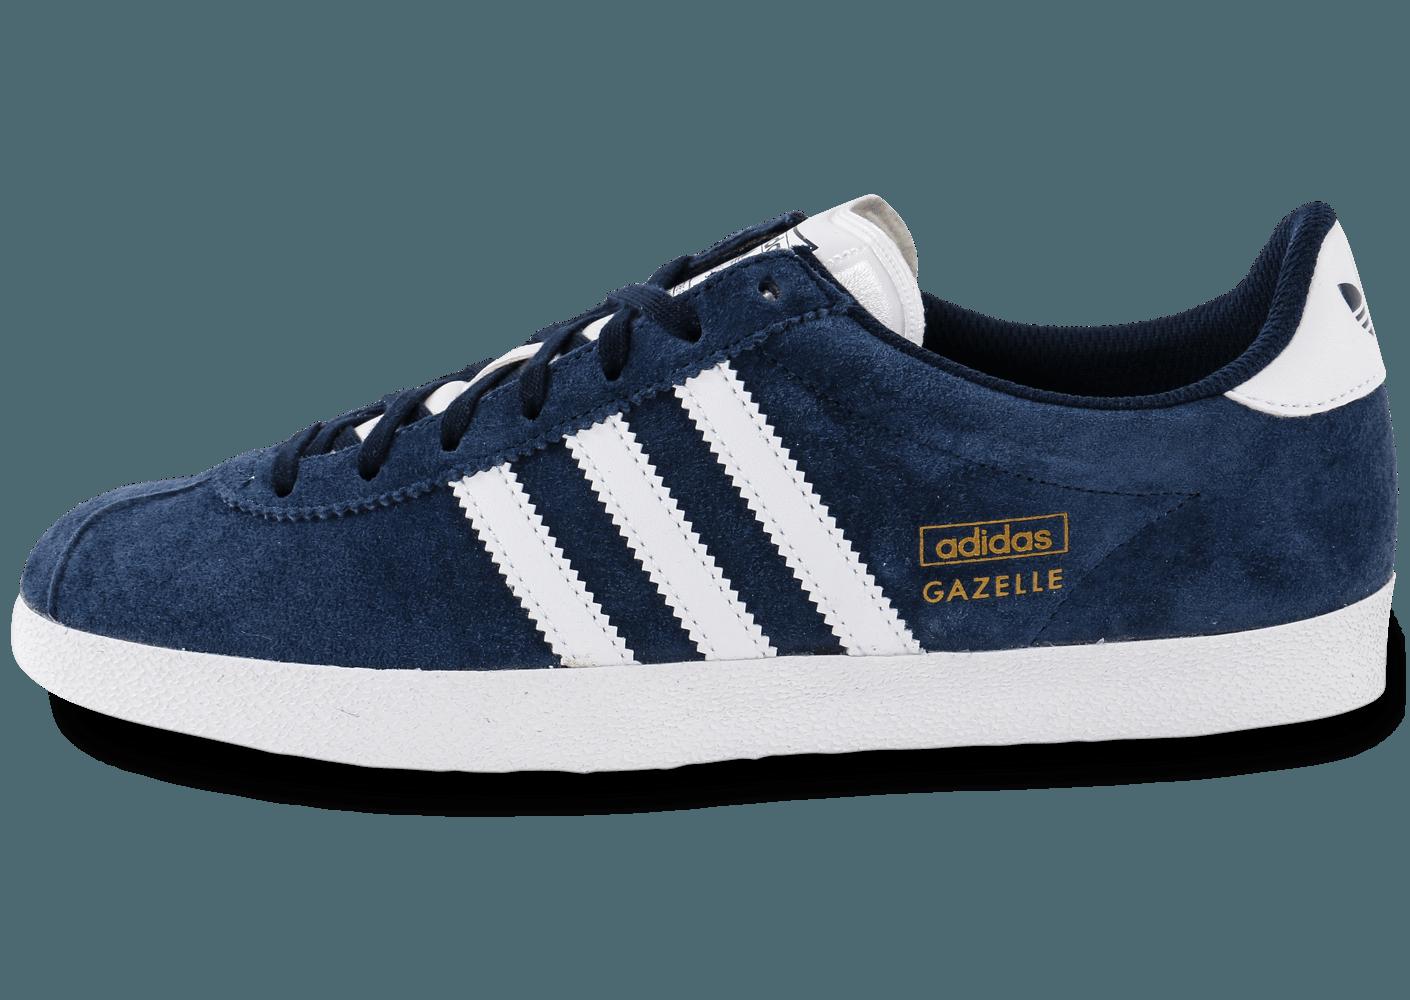 adidas gazelle bleu ciel soldes